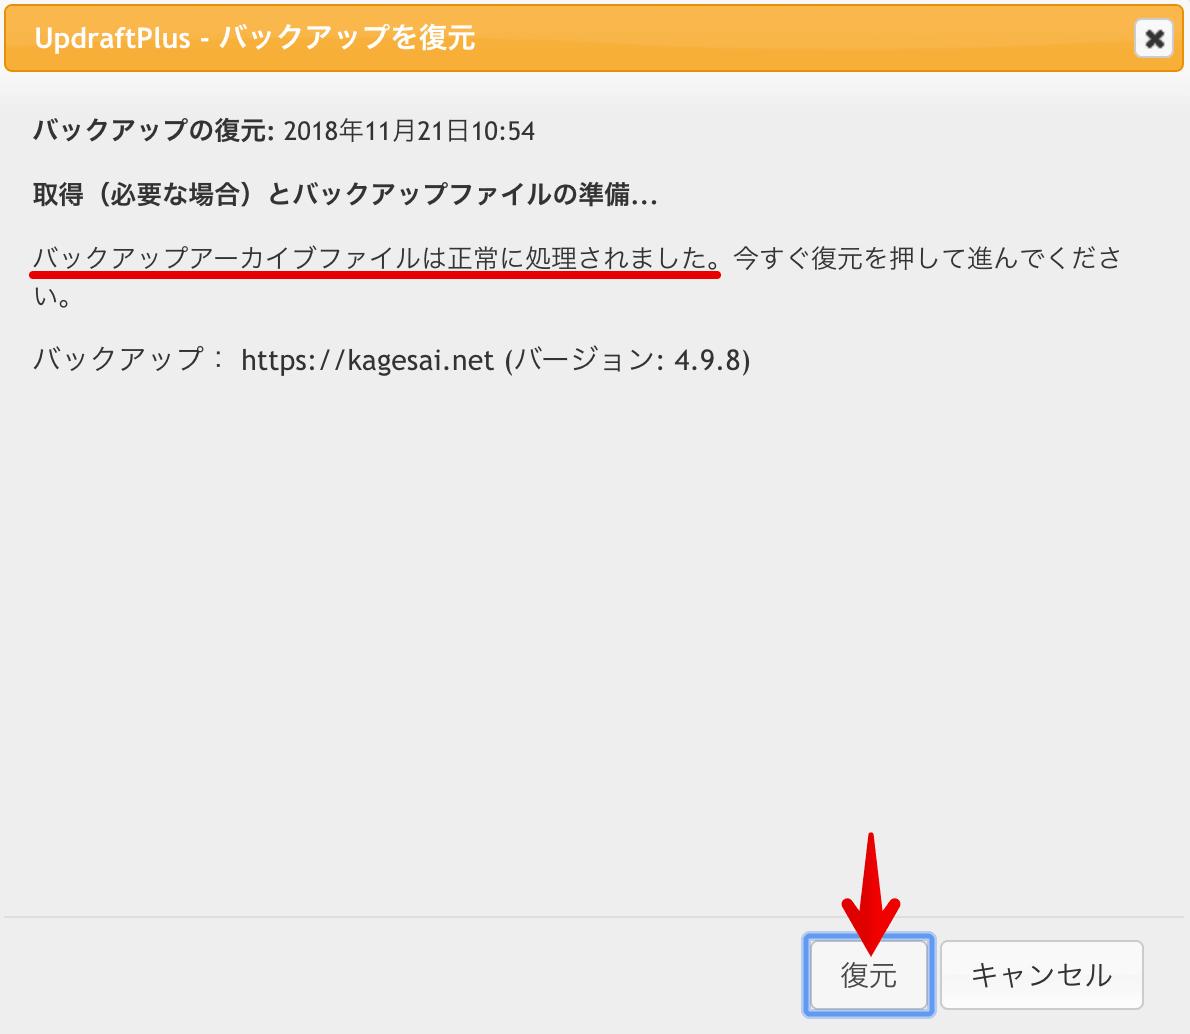 UpdraftPlus-Backup/Restore復元2